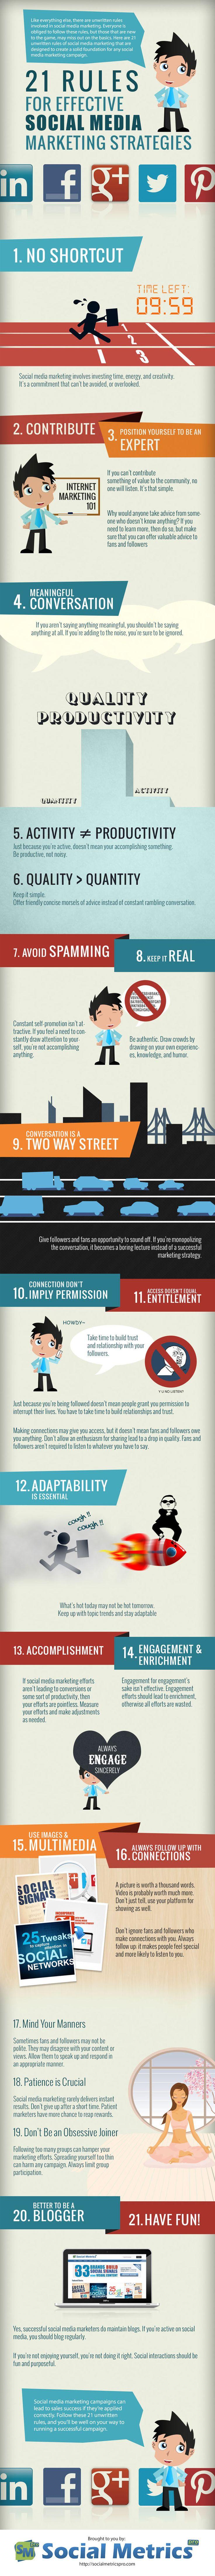 21 social media rules infographic #socialmedia #business #marketing #médiasSociaux